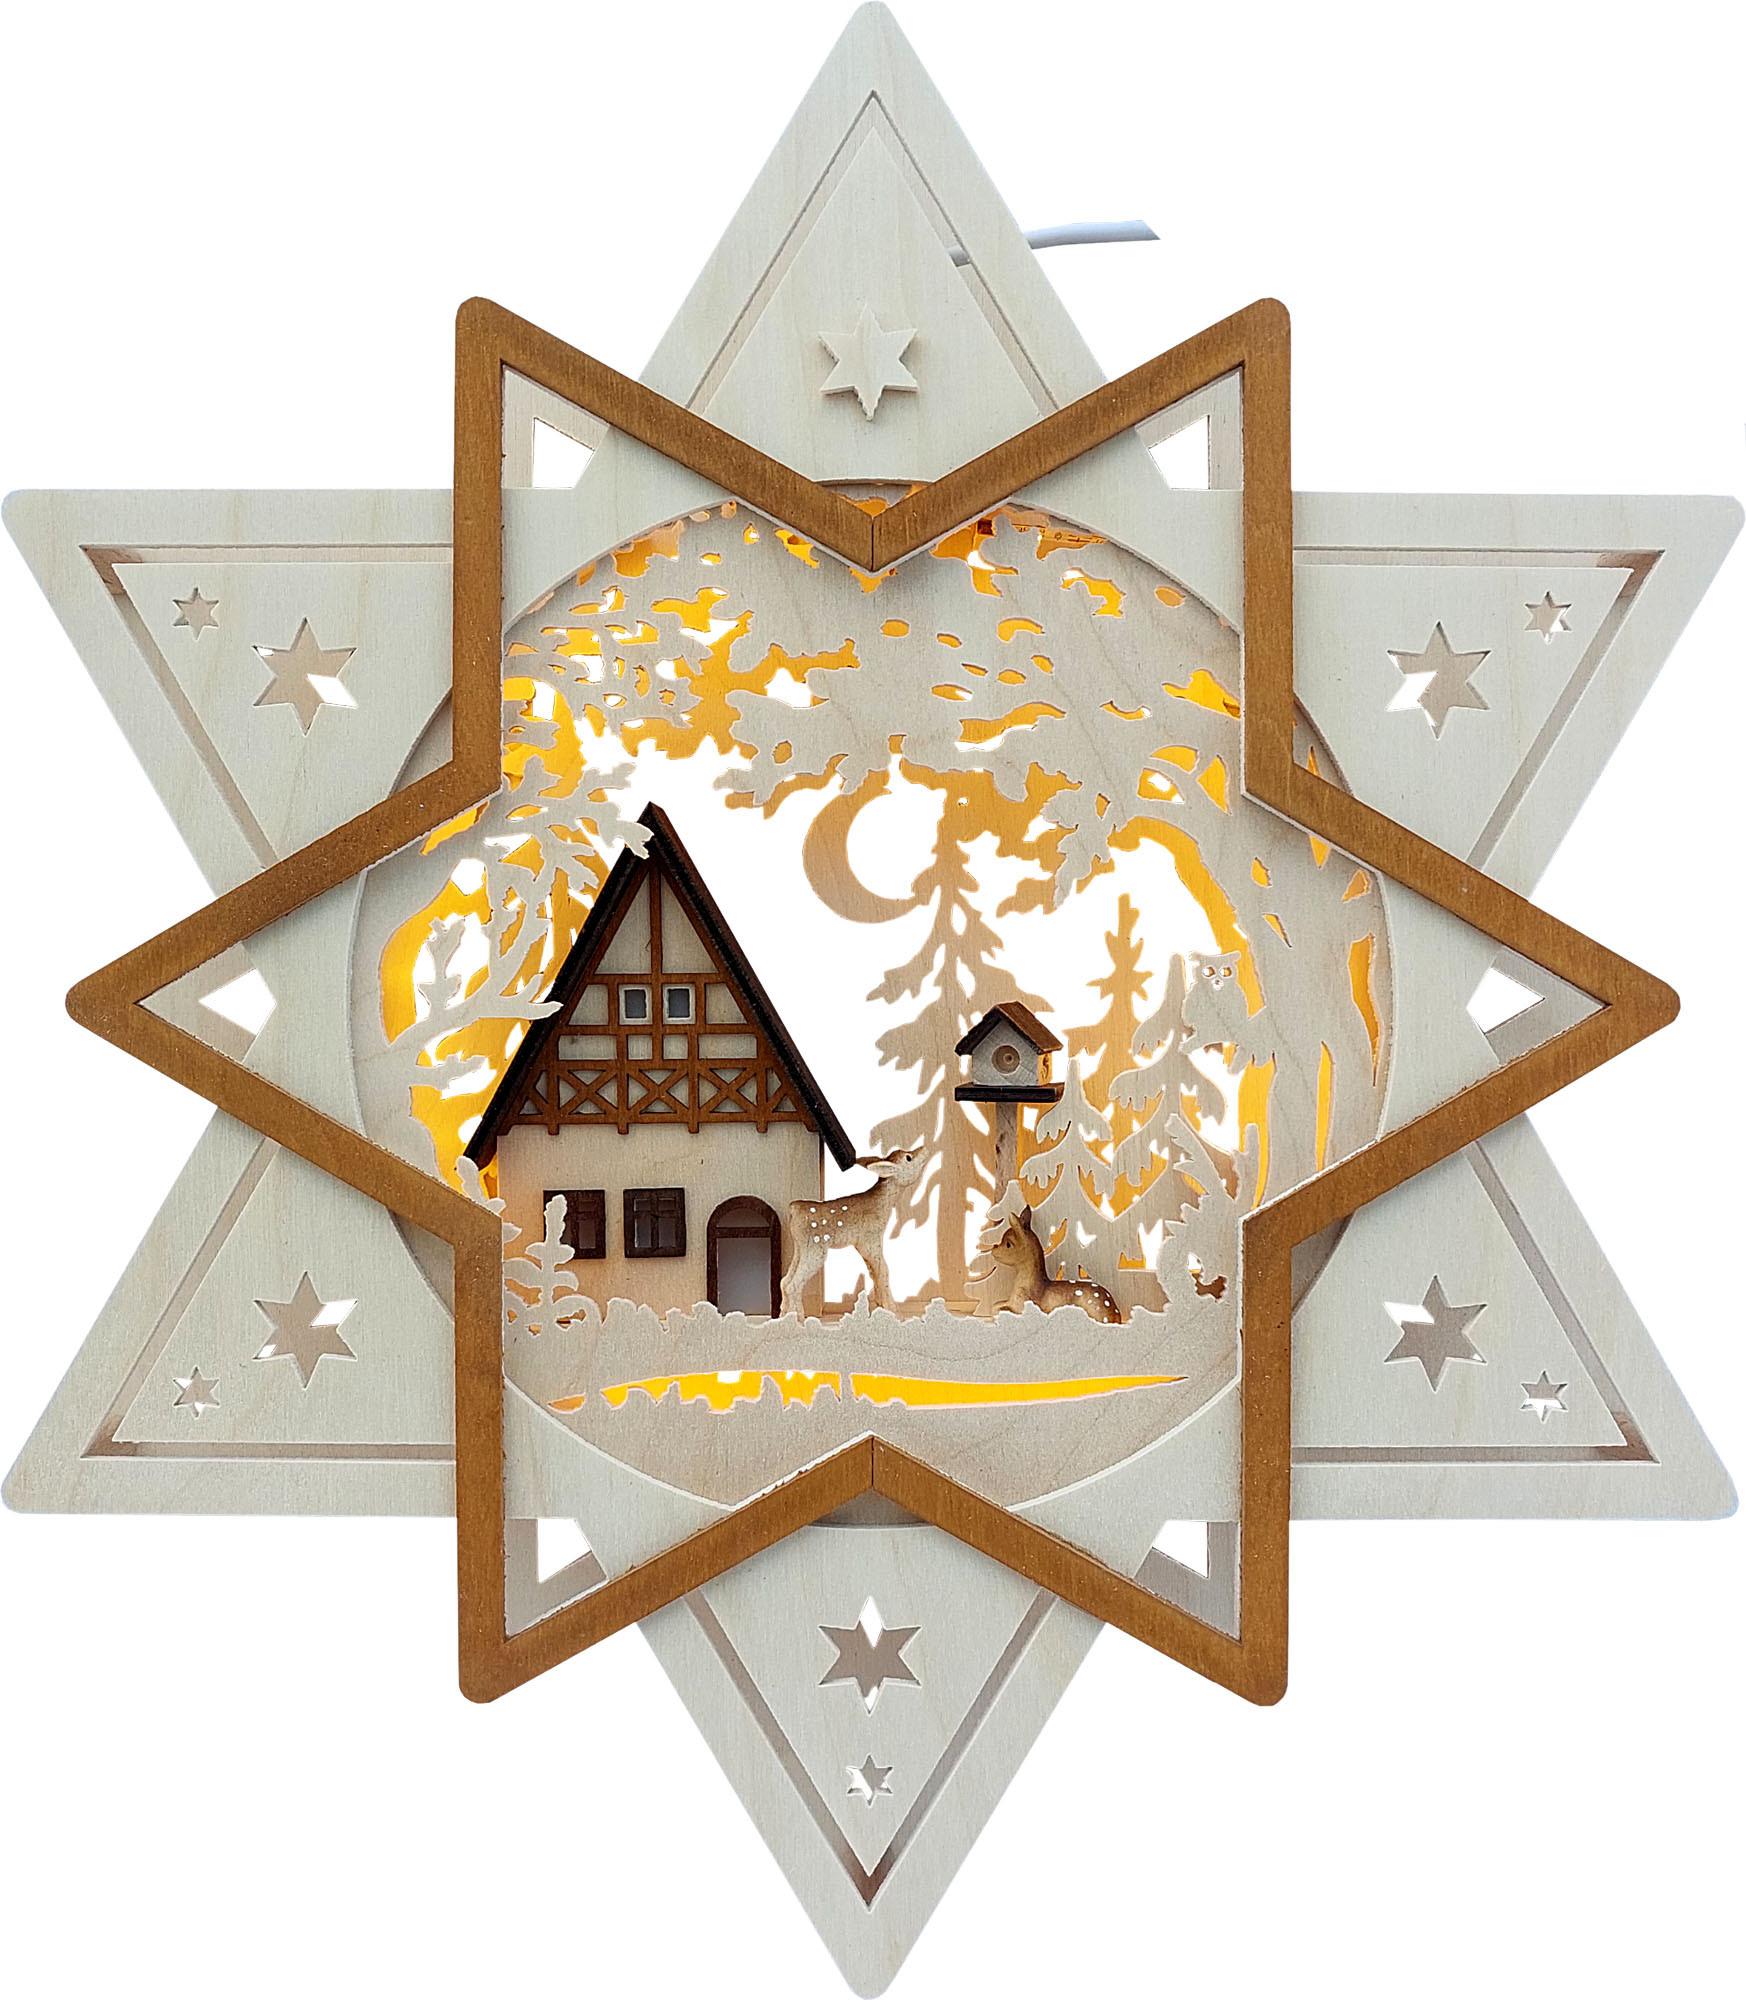 RATAGS Beleuchtetes Fensterbild Stern mit Haus, Wald und Rehen, LED